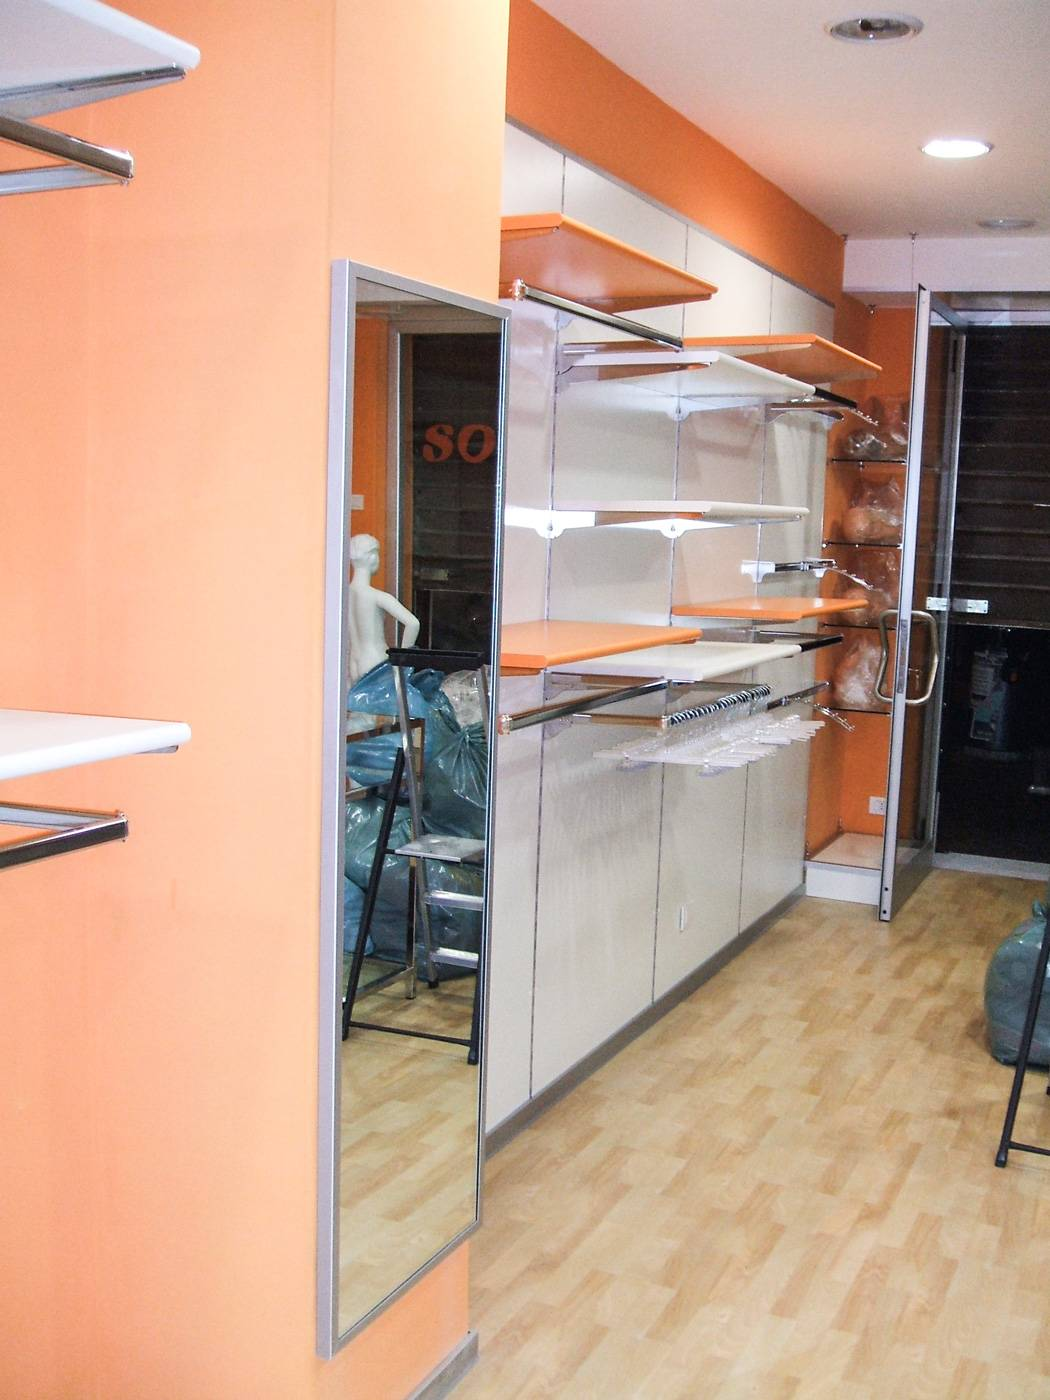 Negozi mobili a roma volete arredare la nuova casa o for Negozi mobili economici